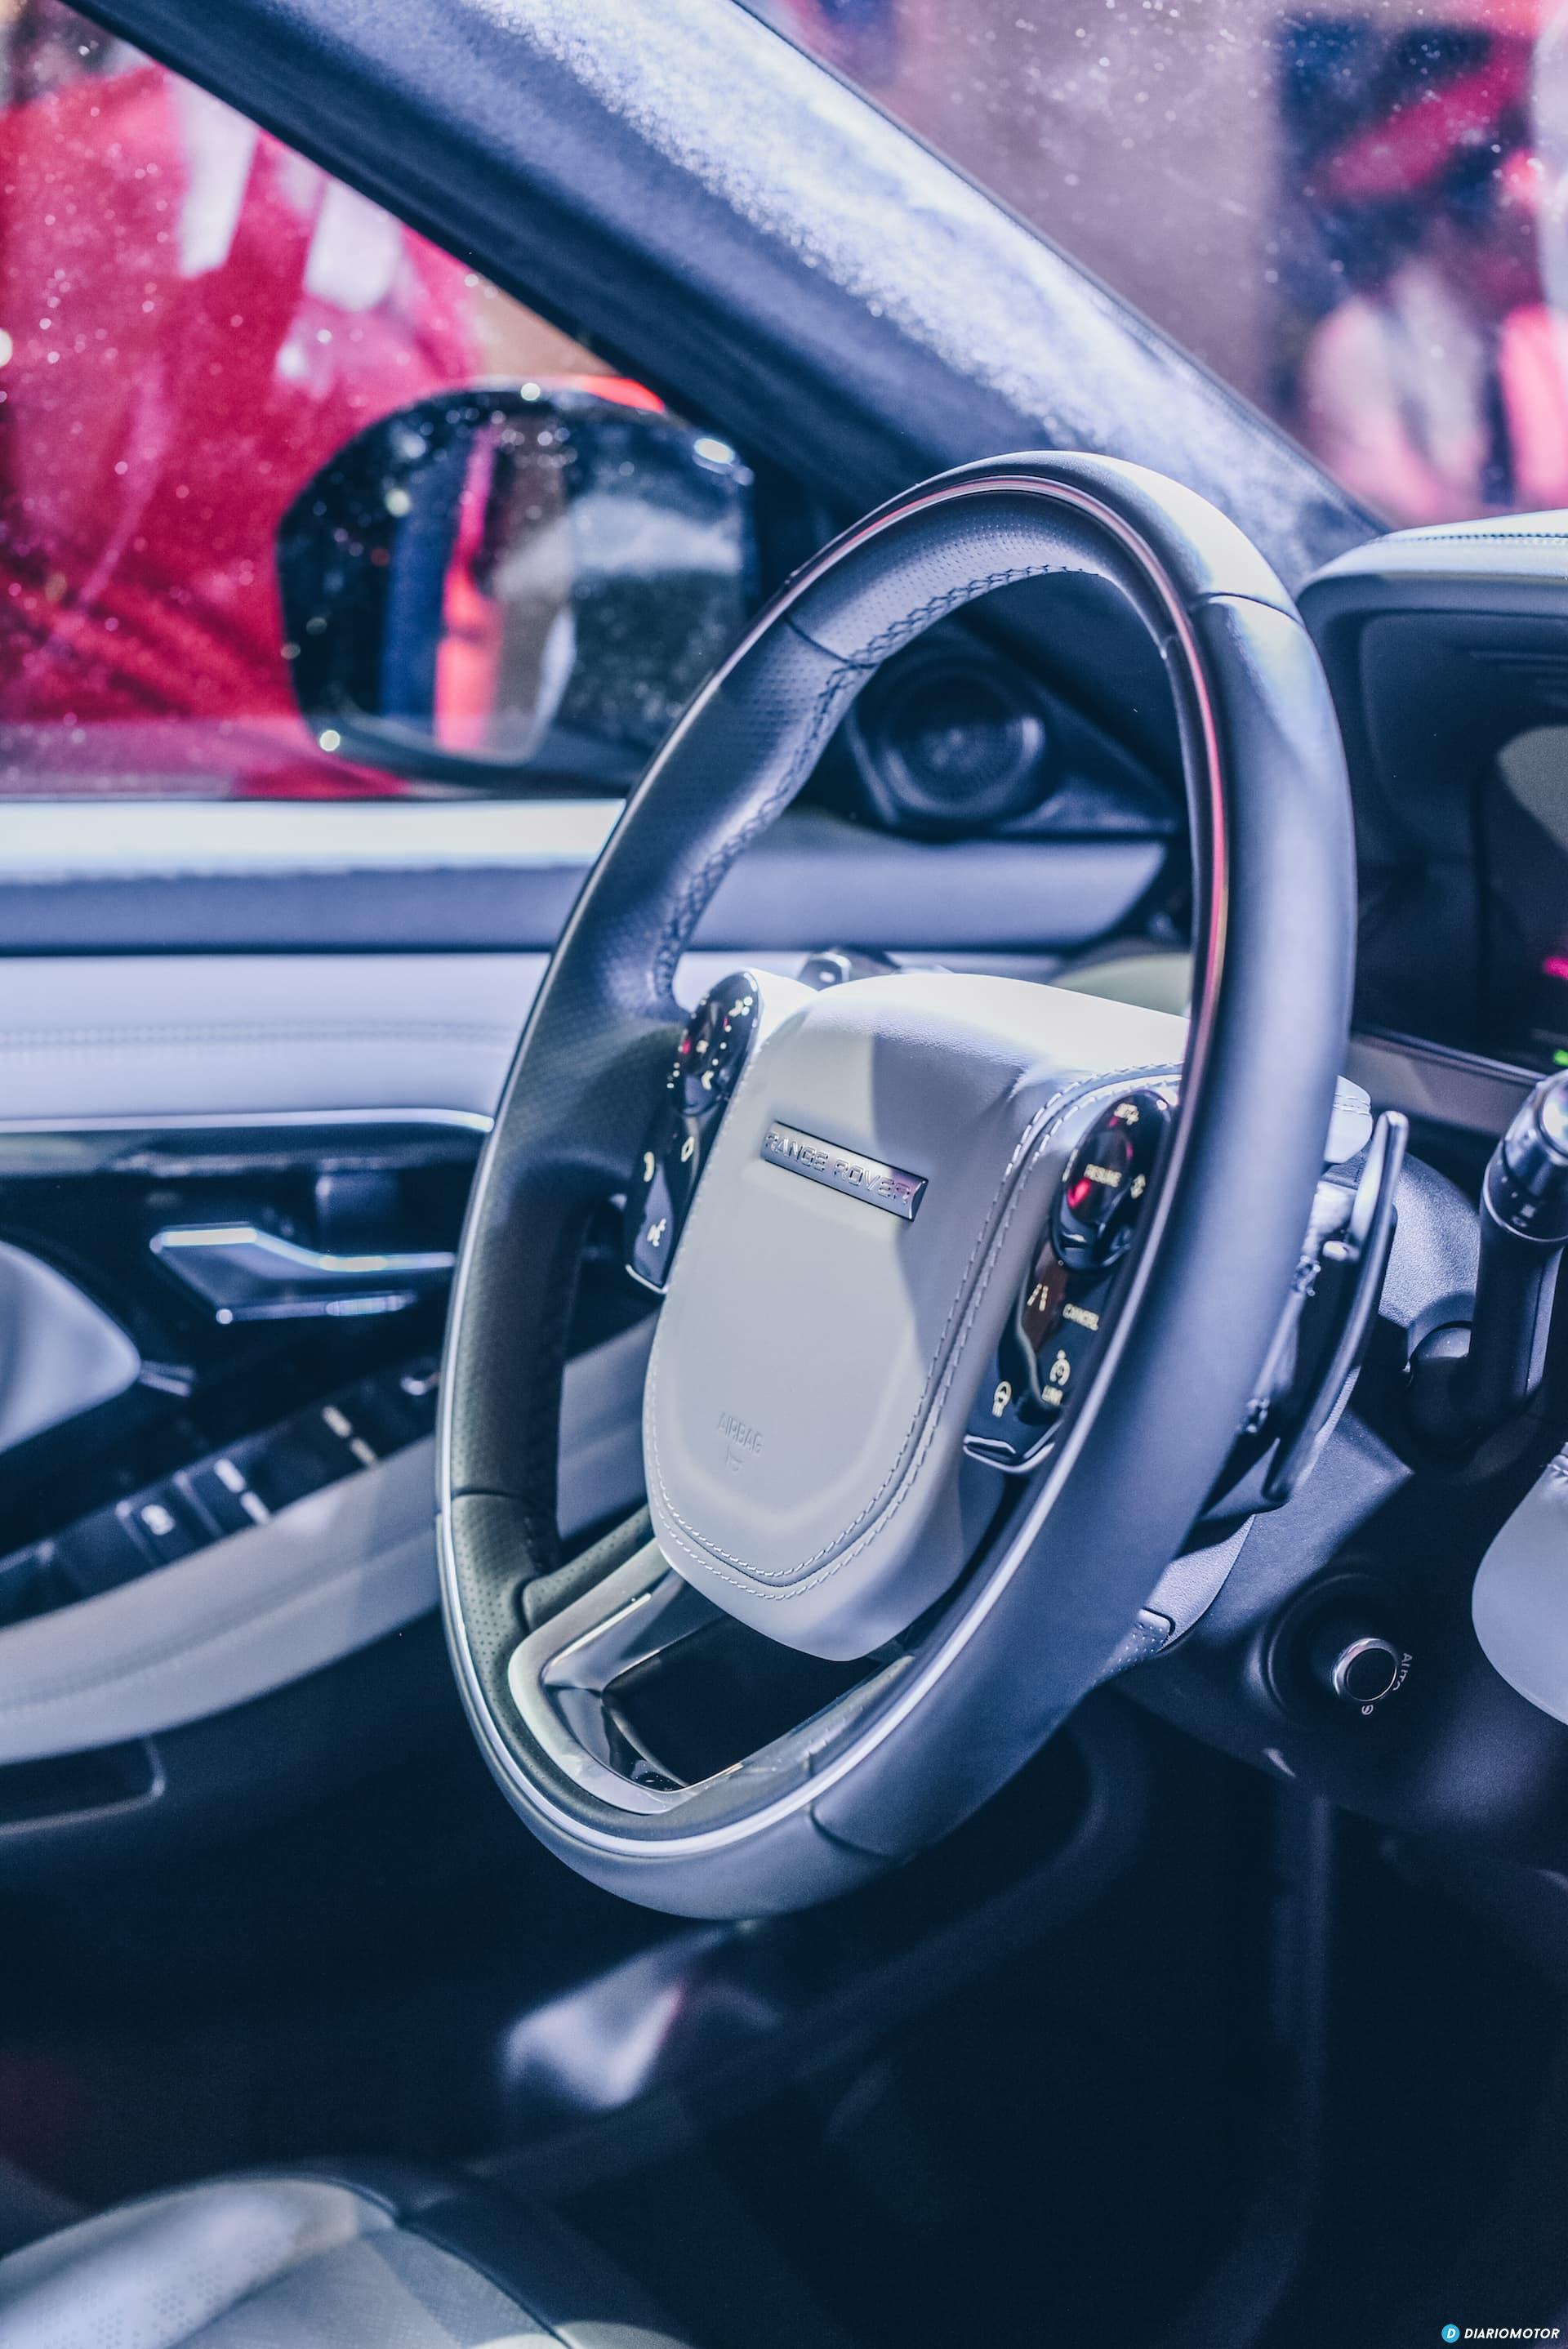 Range Rover Evoque Impresiones 6